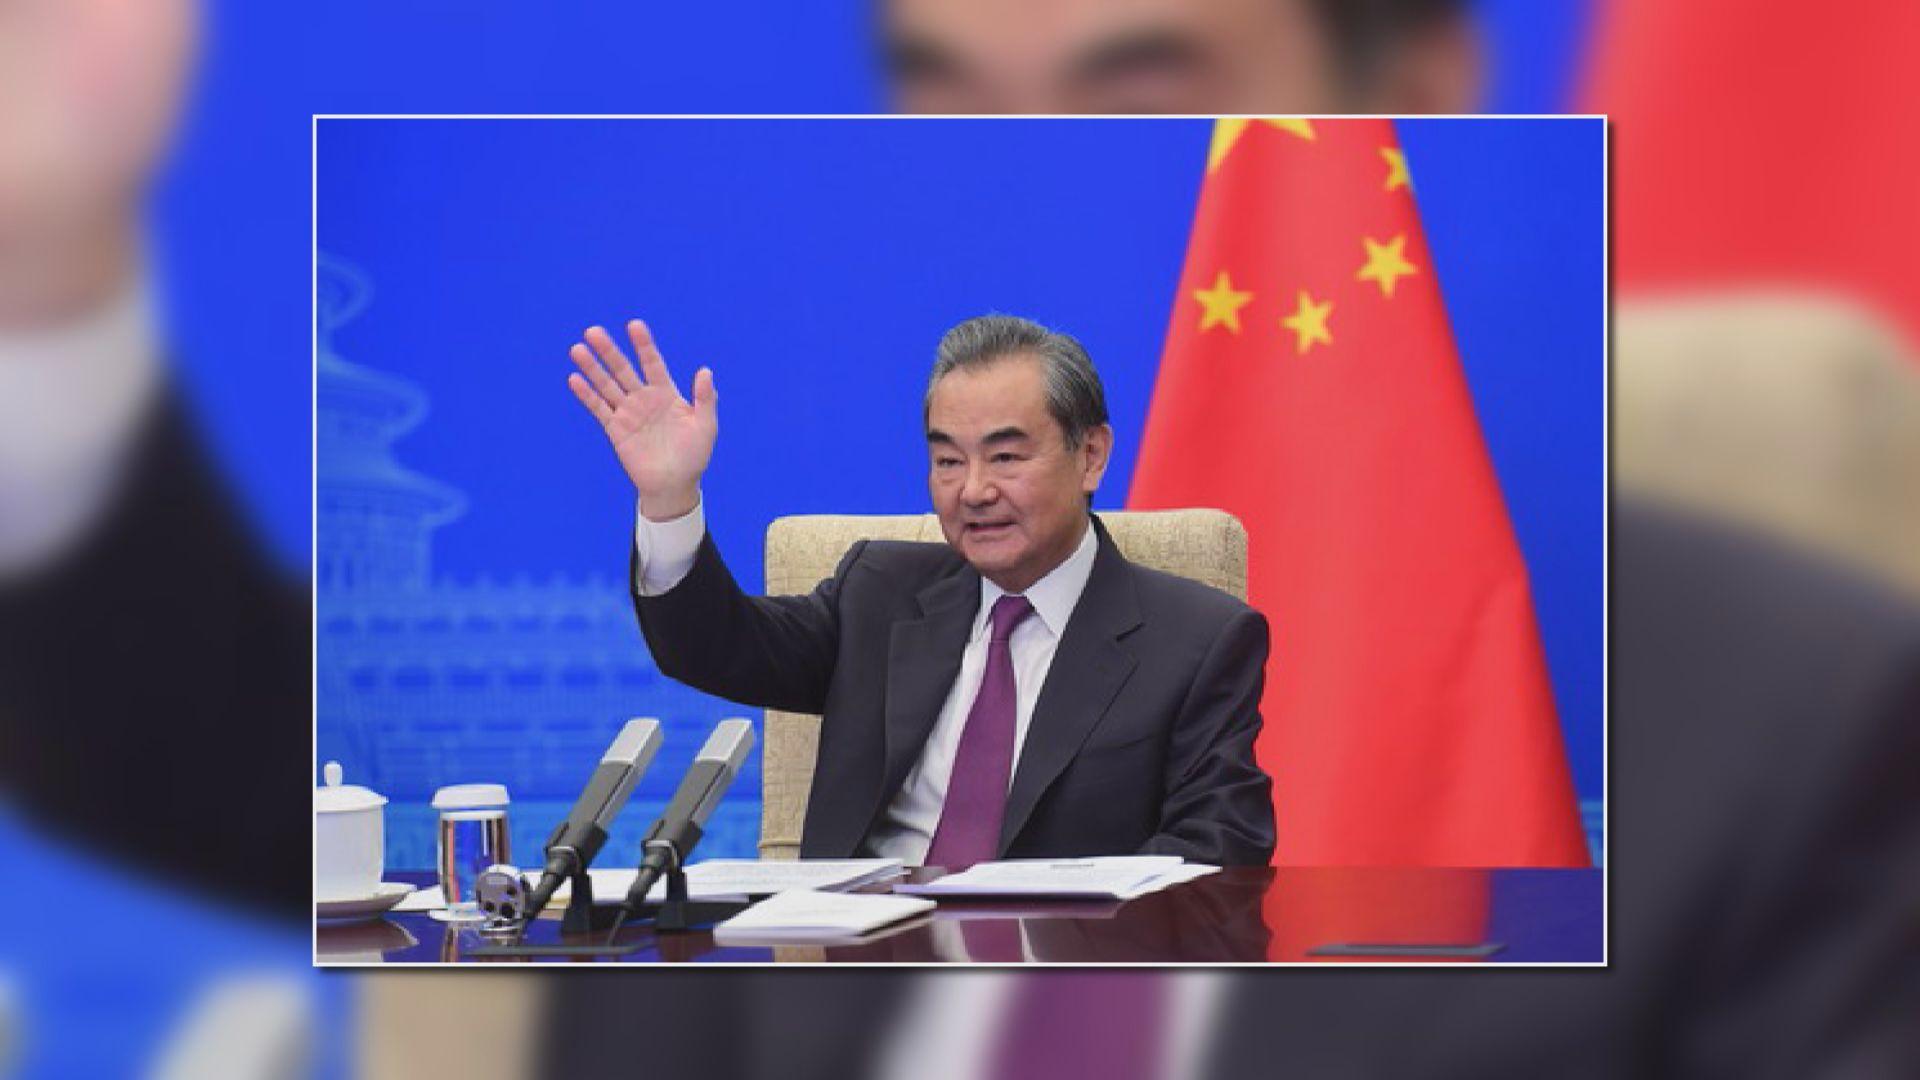 王毅:美國上屆政府為國際秩序最大破壞者